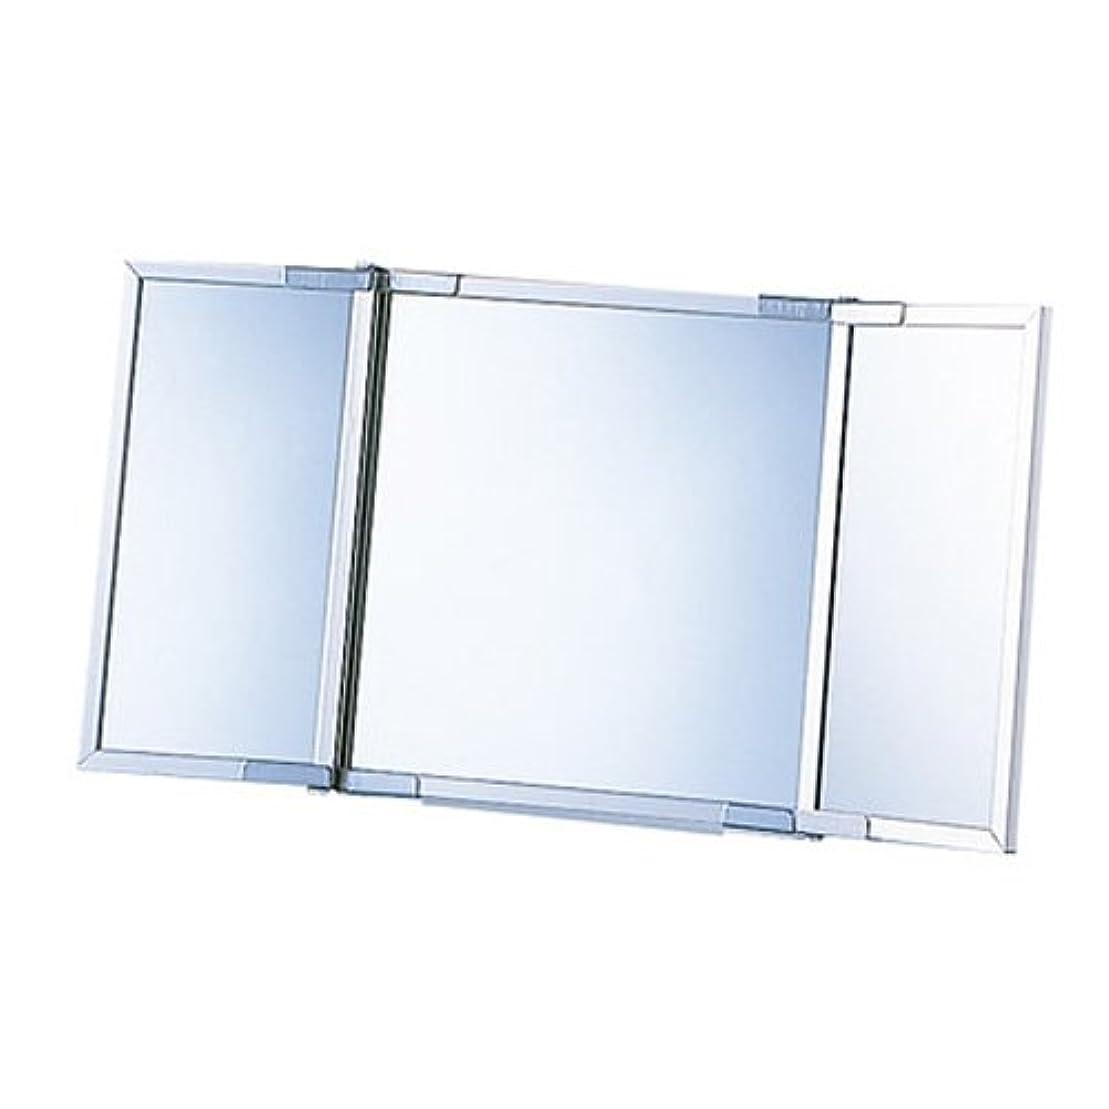 カスケード正規化消すアルミ枠三面鏡スタンドミラー TW-38